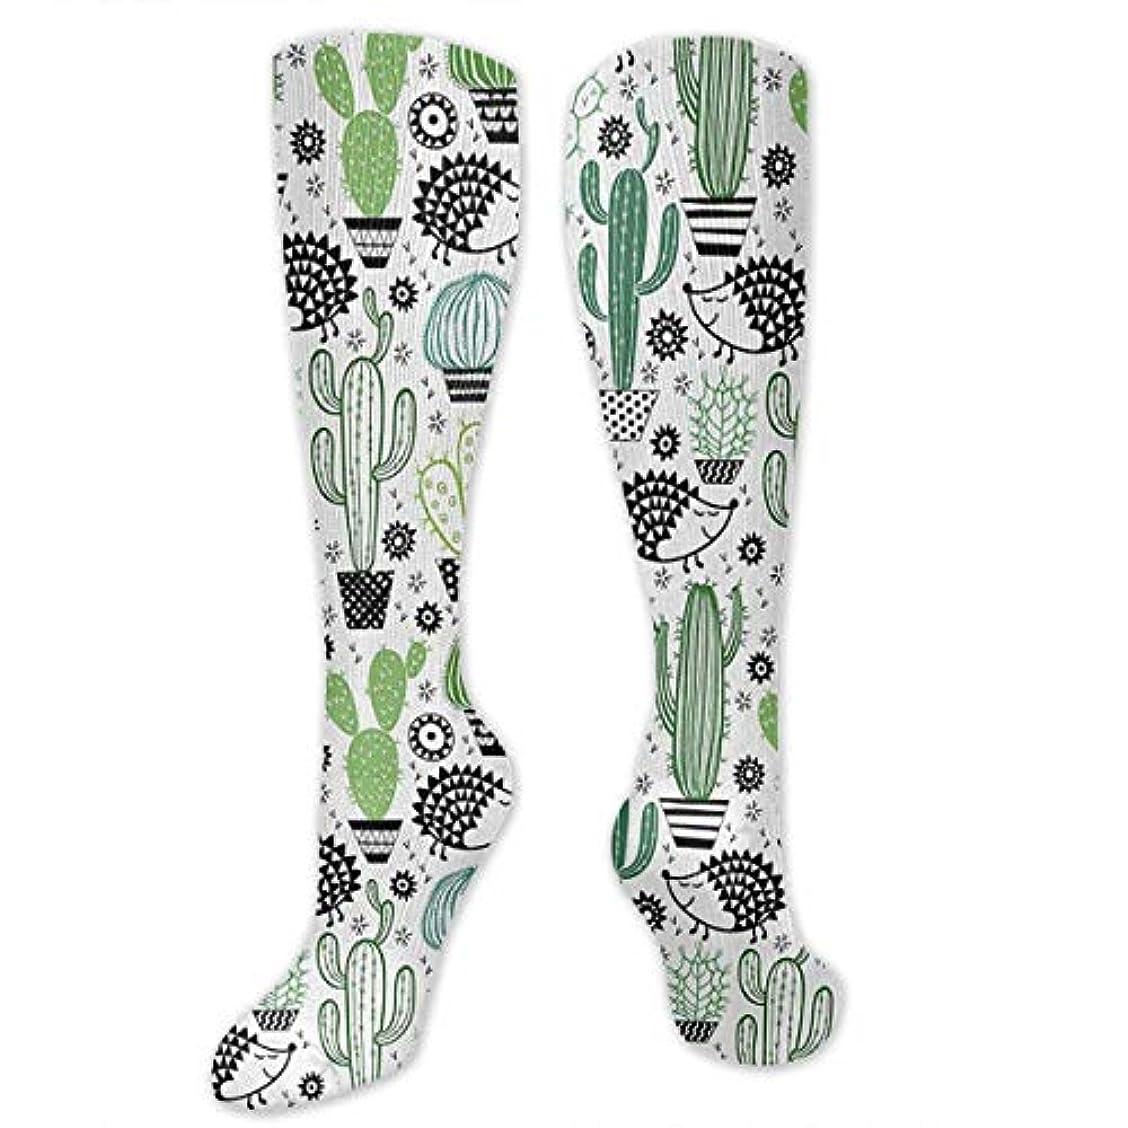 減少きしむリテラシー靴下,ストッキング,野生のジョーカー,実際,秋の本質,冬必須,サマーウェア&RBXAA Faery Hedgehog Socks Women's Winter Cotton Long Tube Socks Knee High...